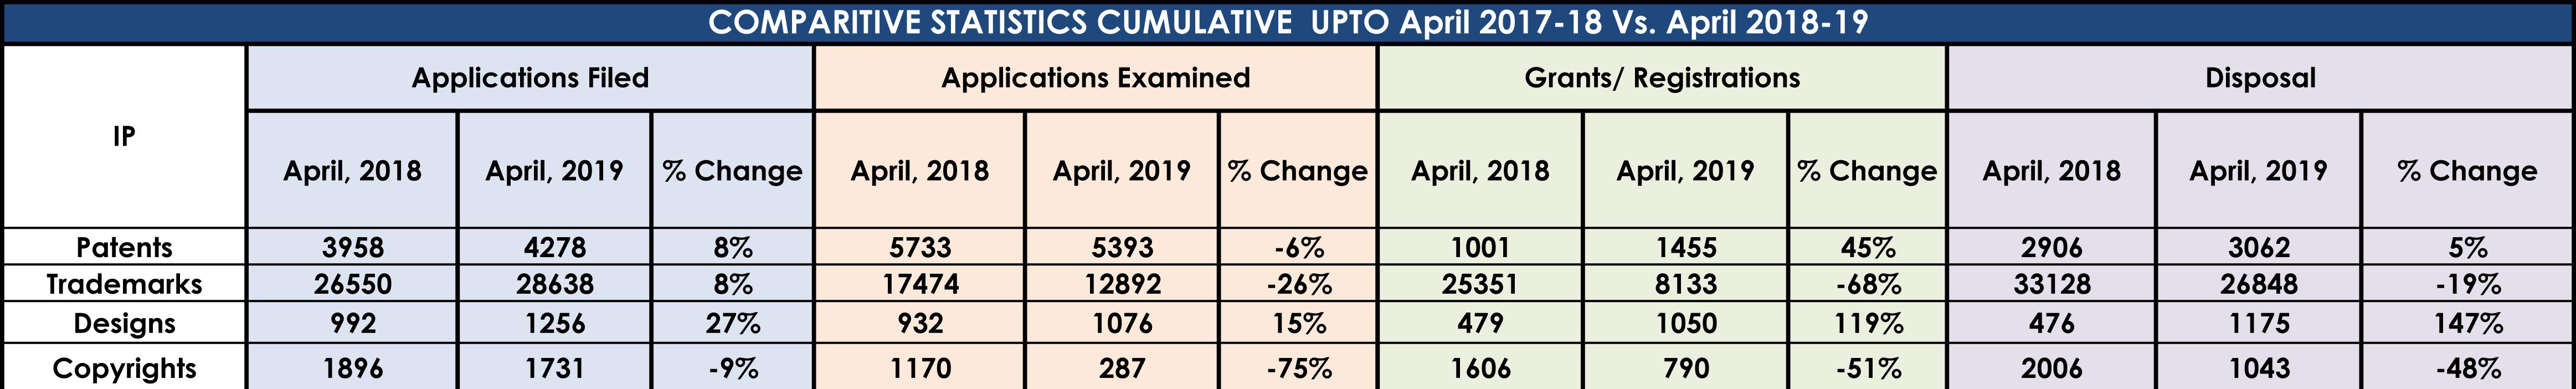 Comparative Analysis Till April 2018 To April 2019